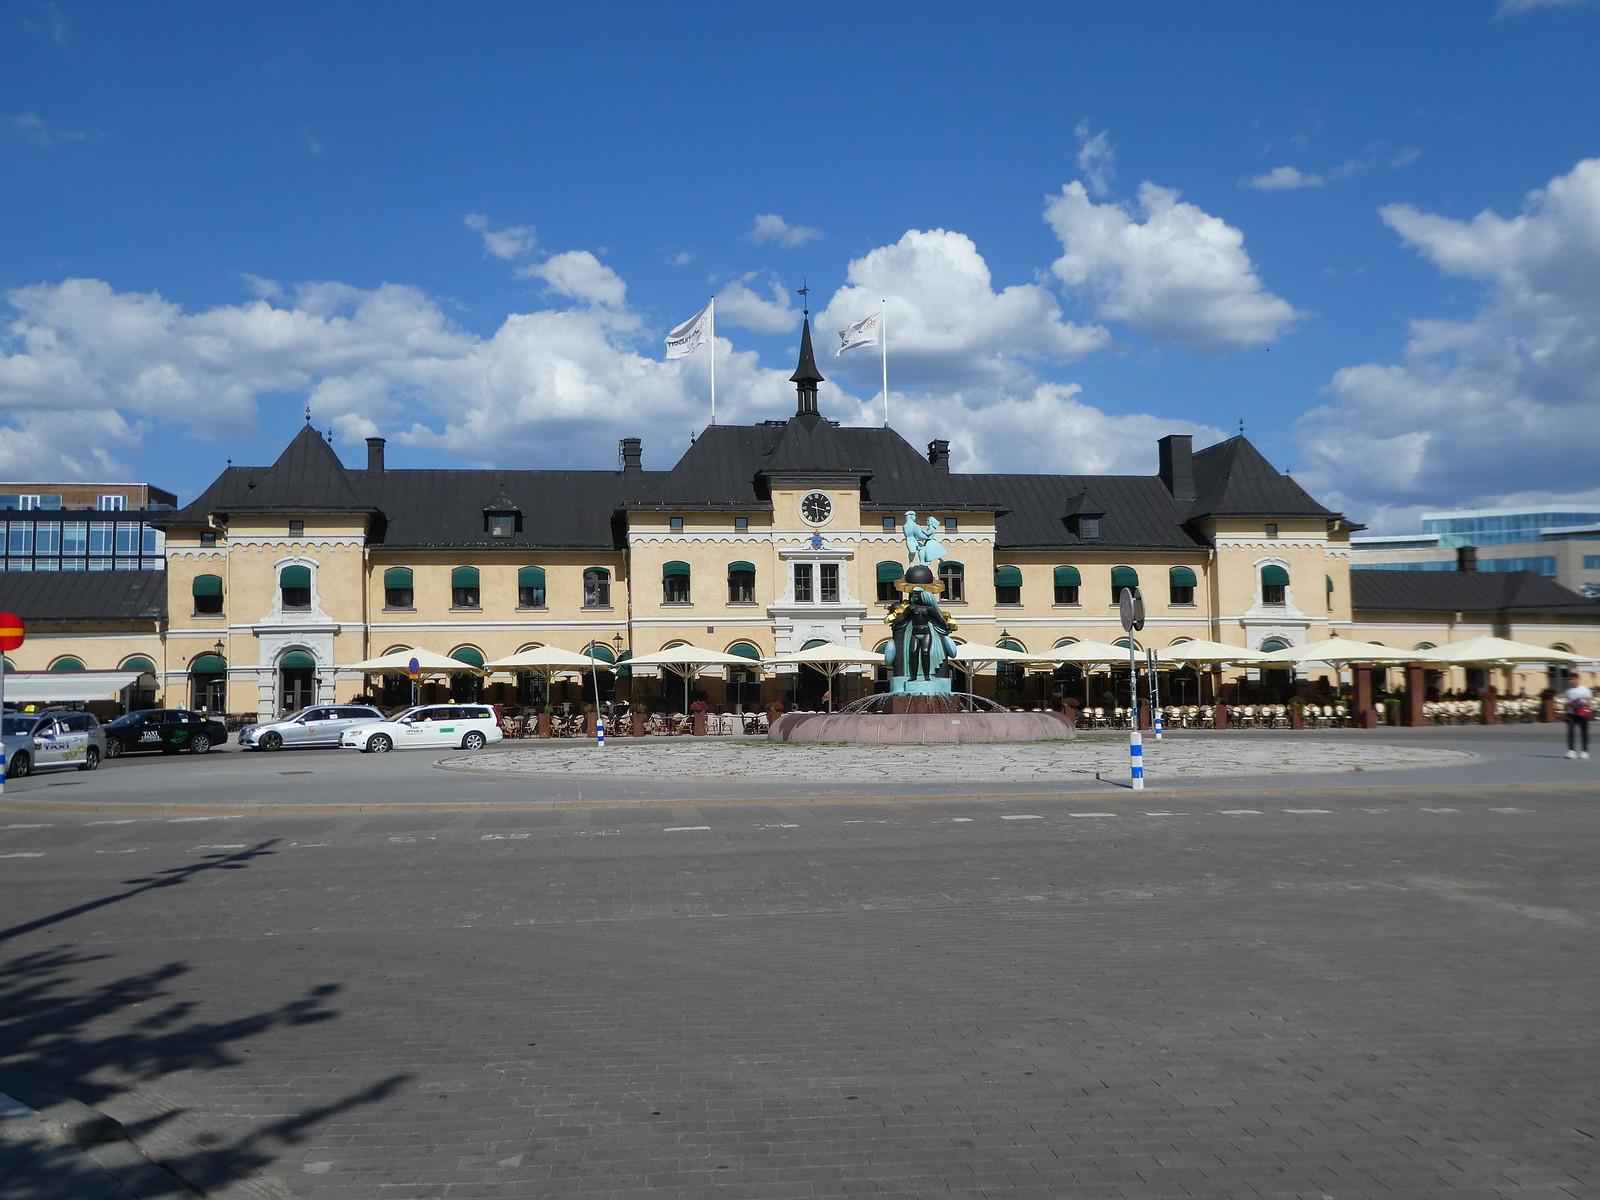 Uppsala Railway Station